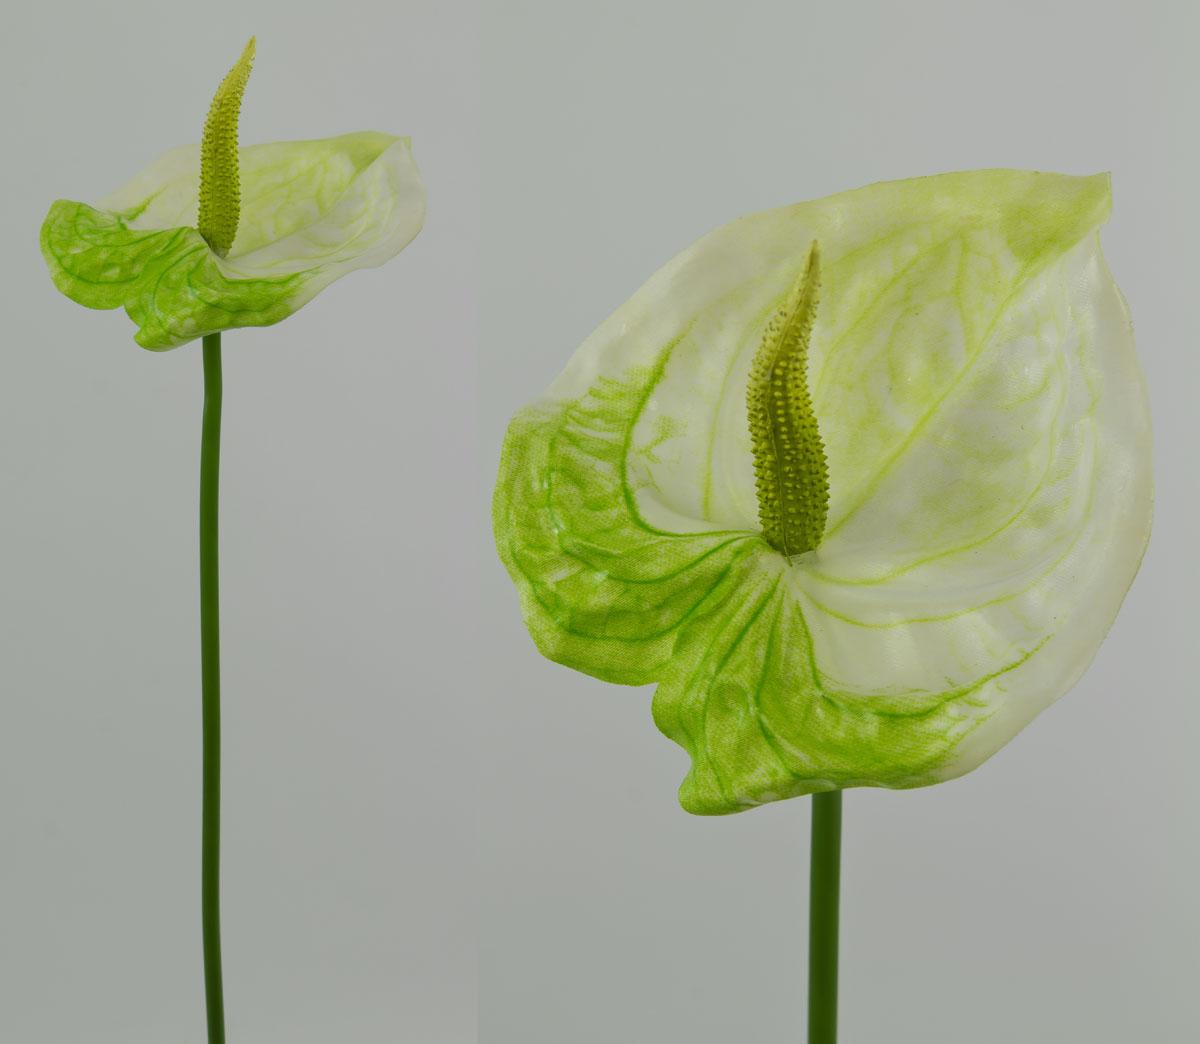 anthurie latex 45cm wei gr n cg kunstblumen kunstpflanzen k nstliche blumen. Black Bedroom Furniture Sets. Home Design Ideas